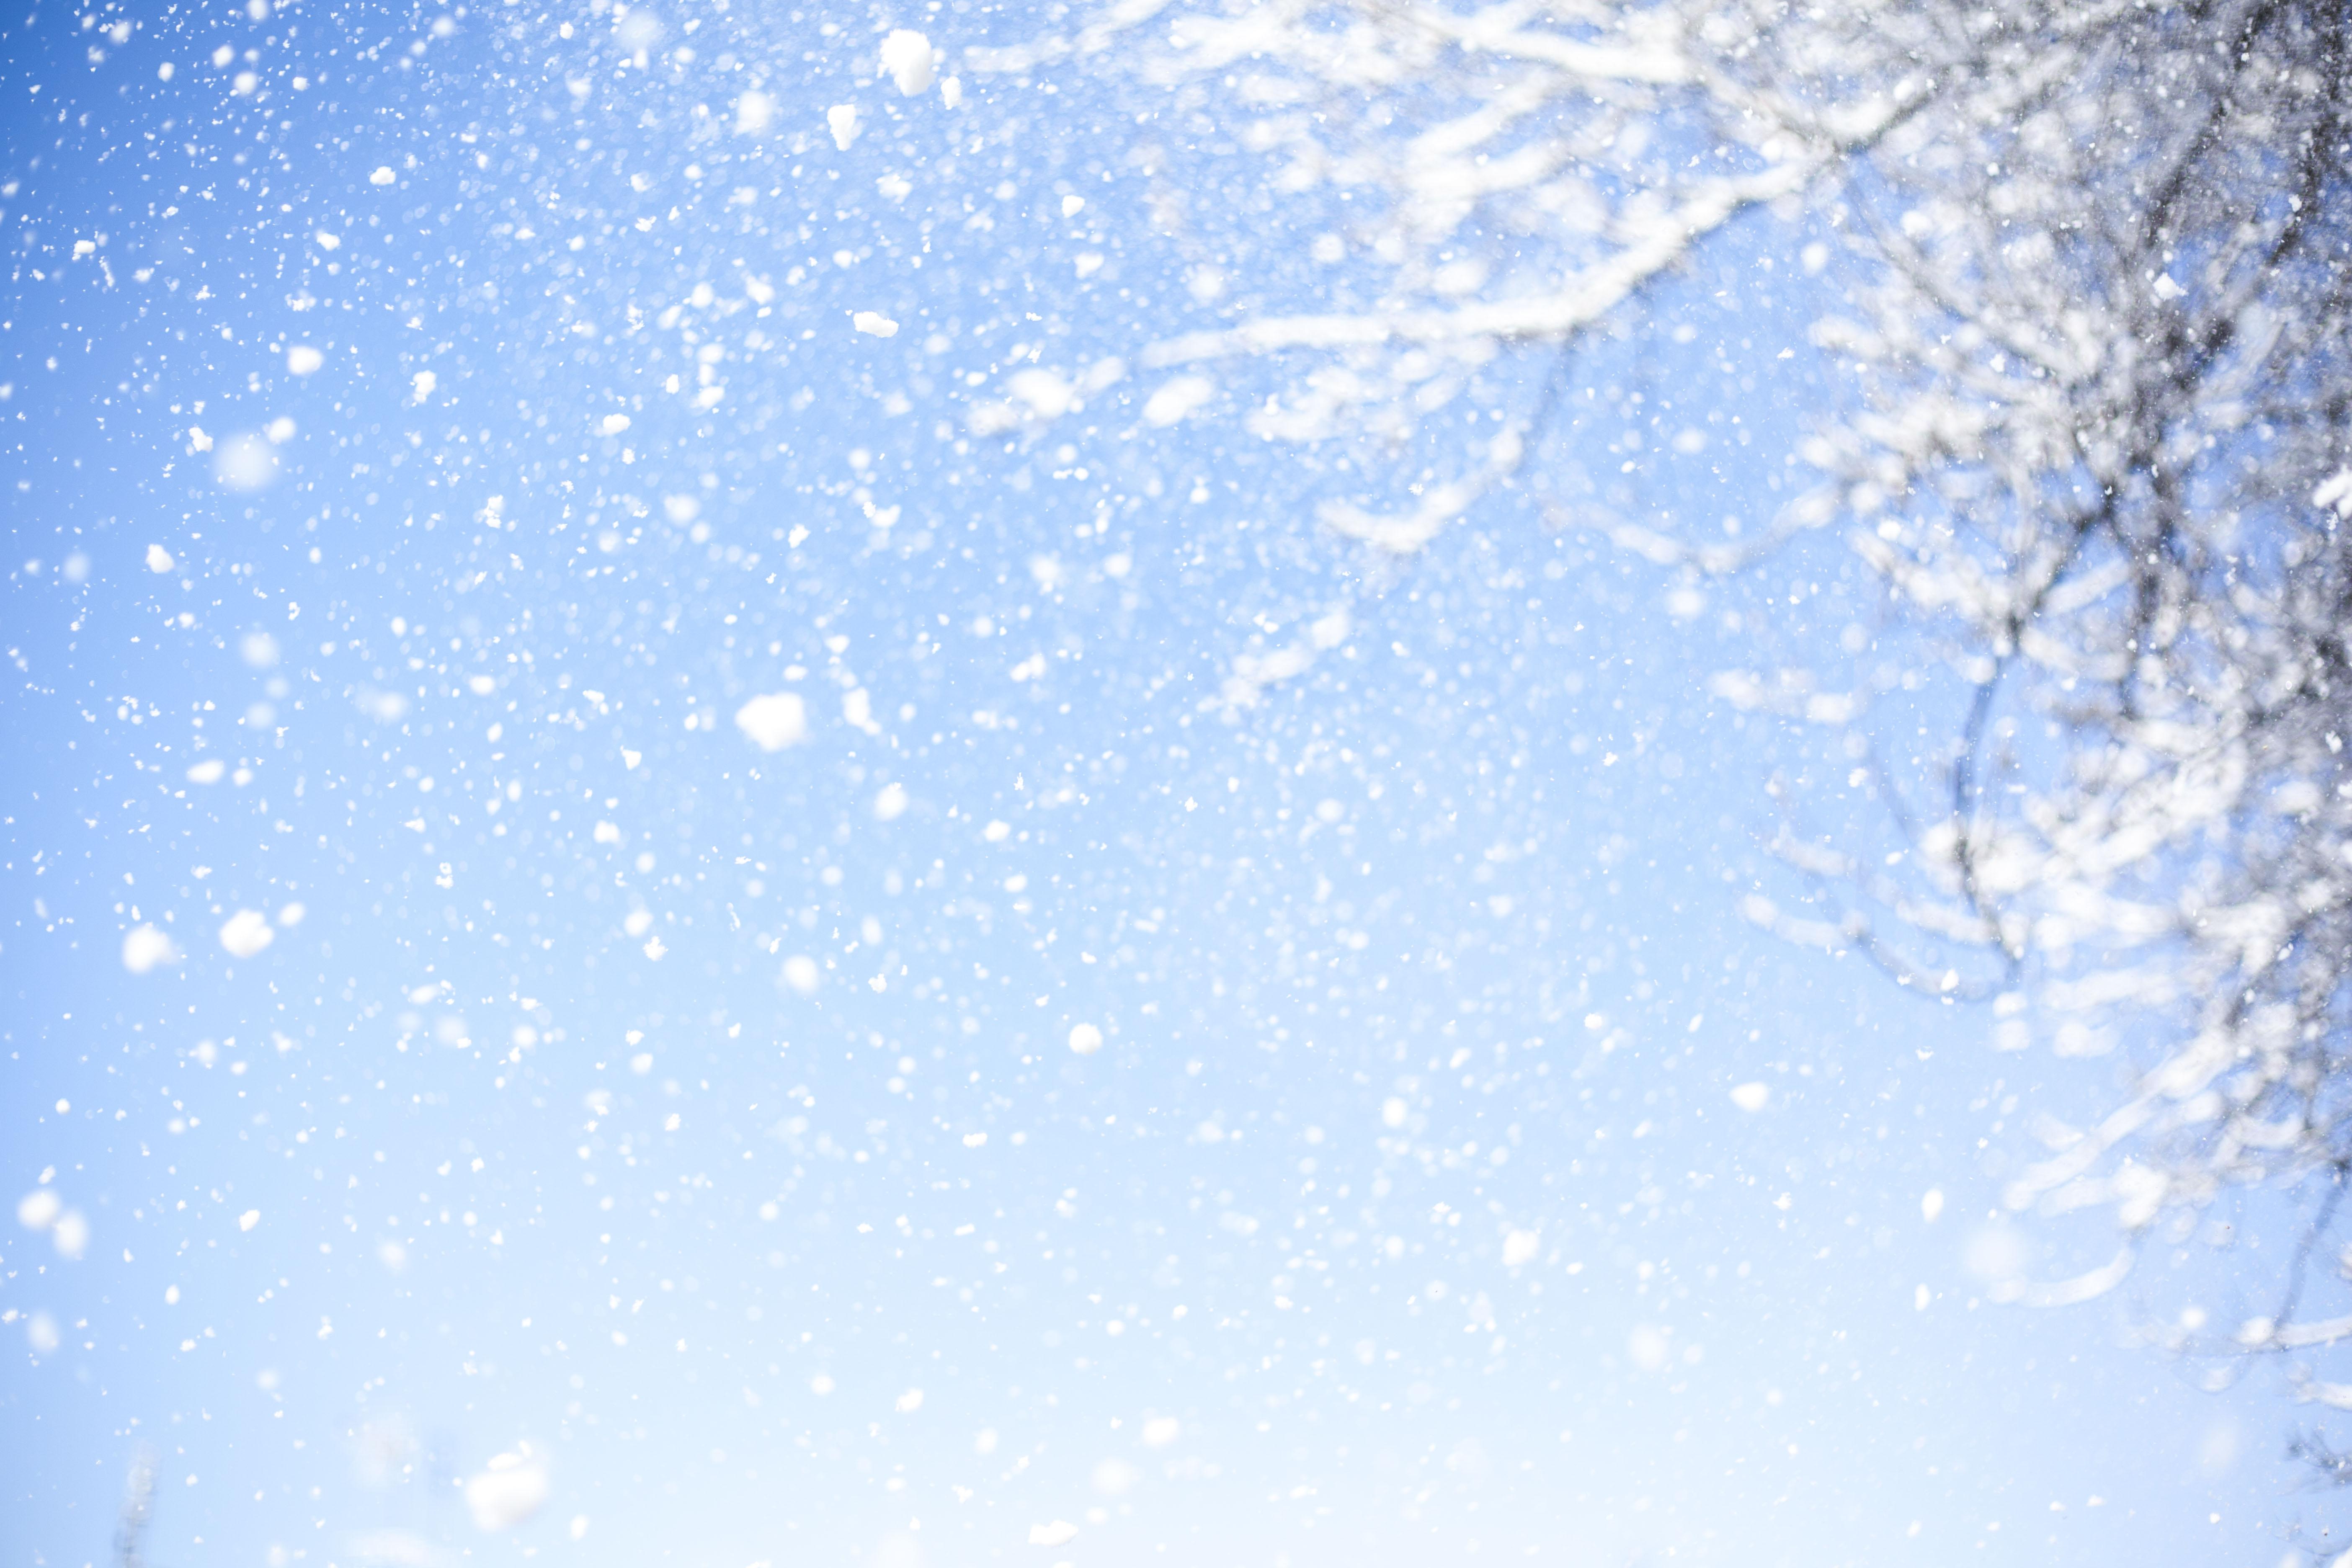 無料画像 フレーク 木 空色 自然 冬 白 雪片 夢 晴れた日